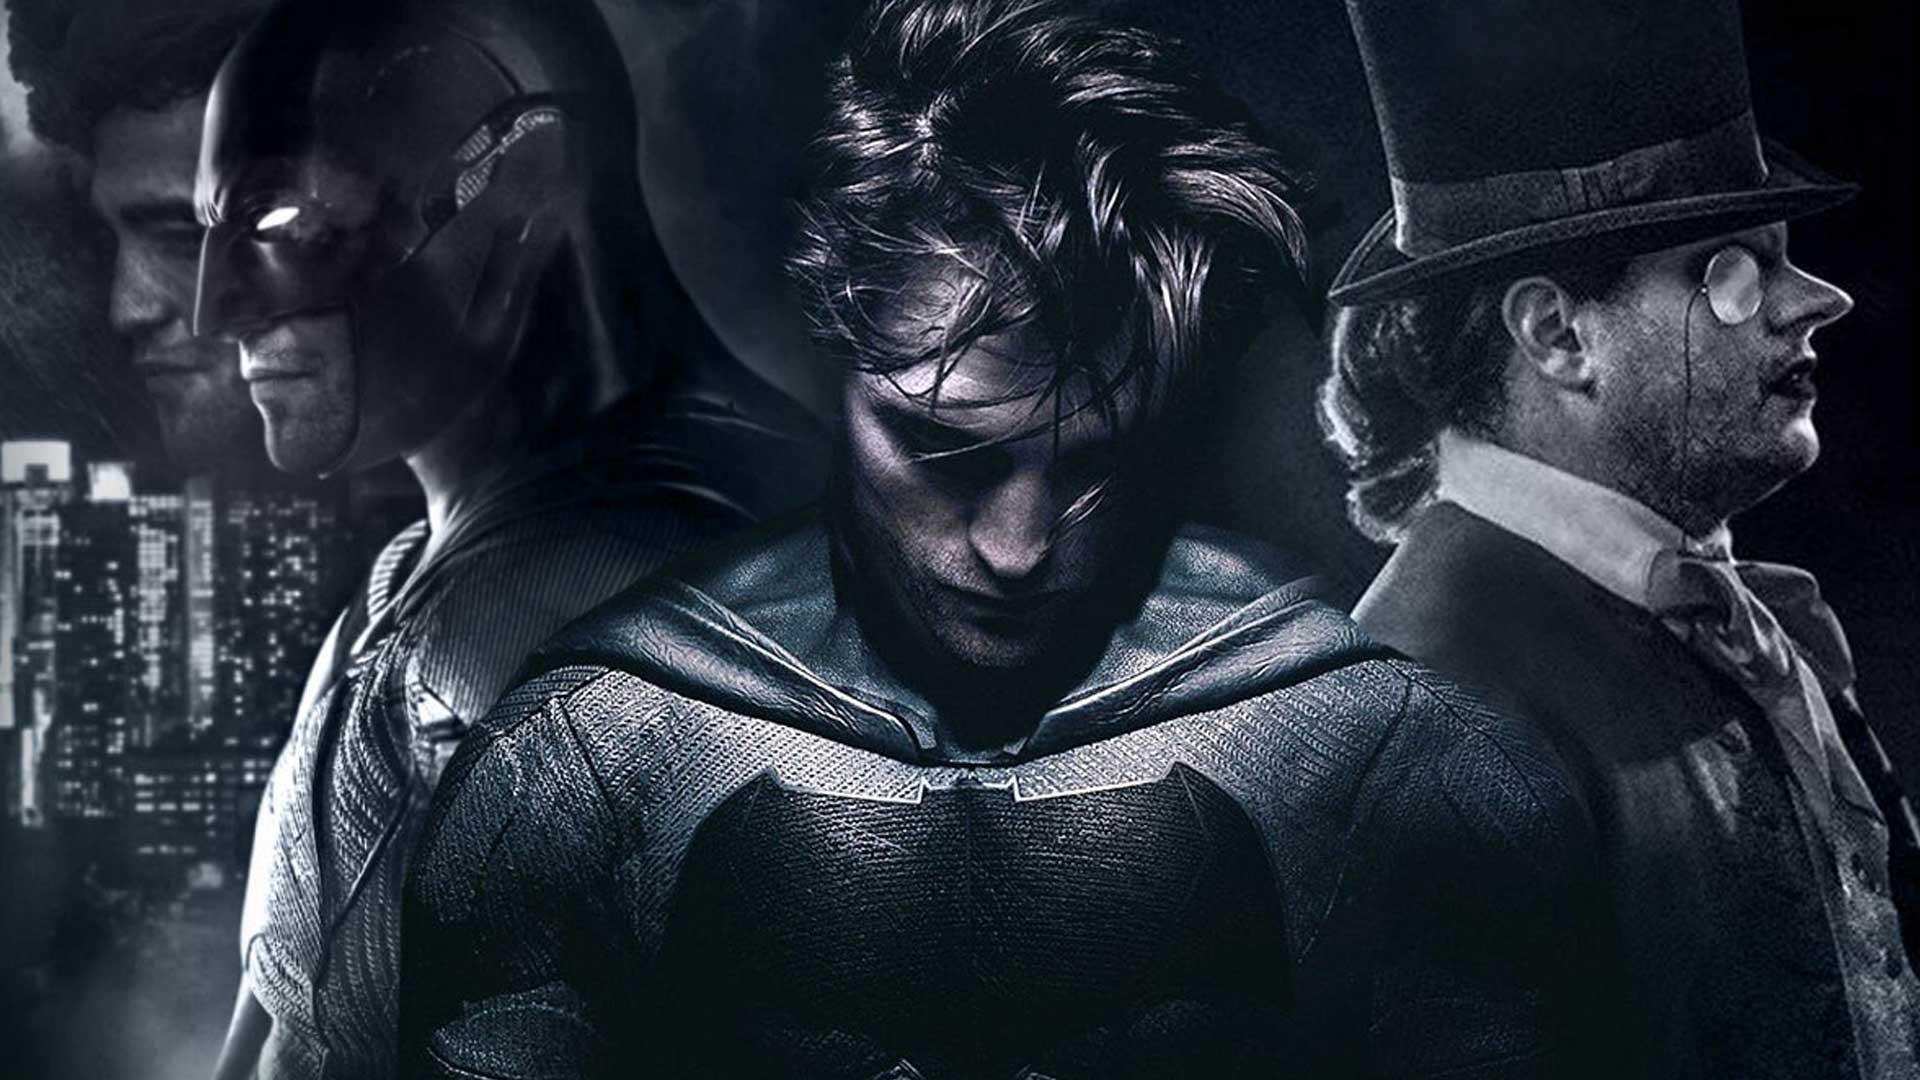 The Batman: актеры, дата выхода и всё что мы знаем о фильме